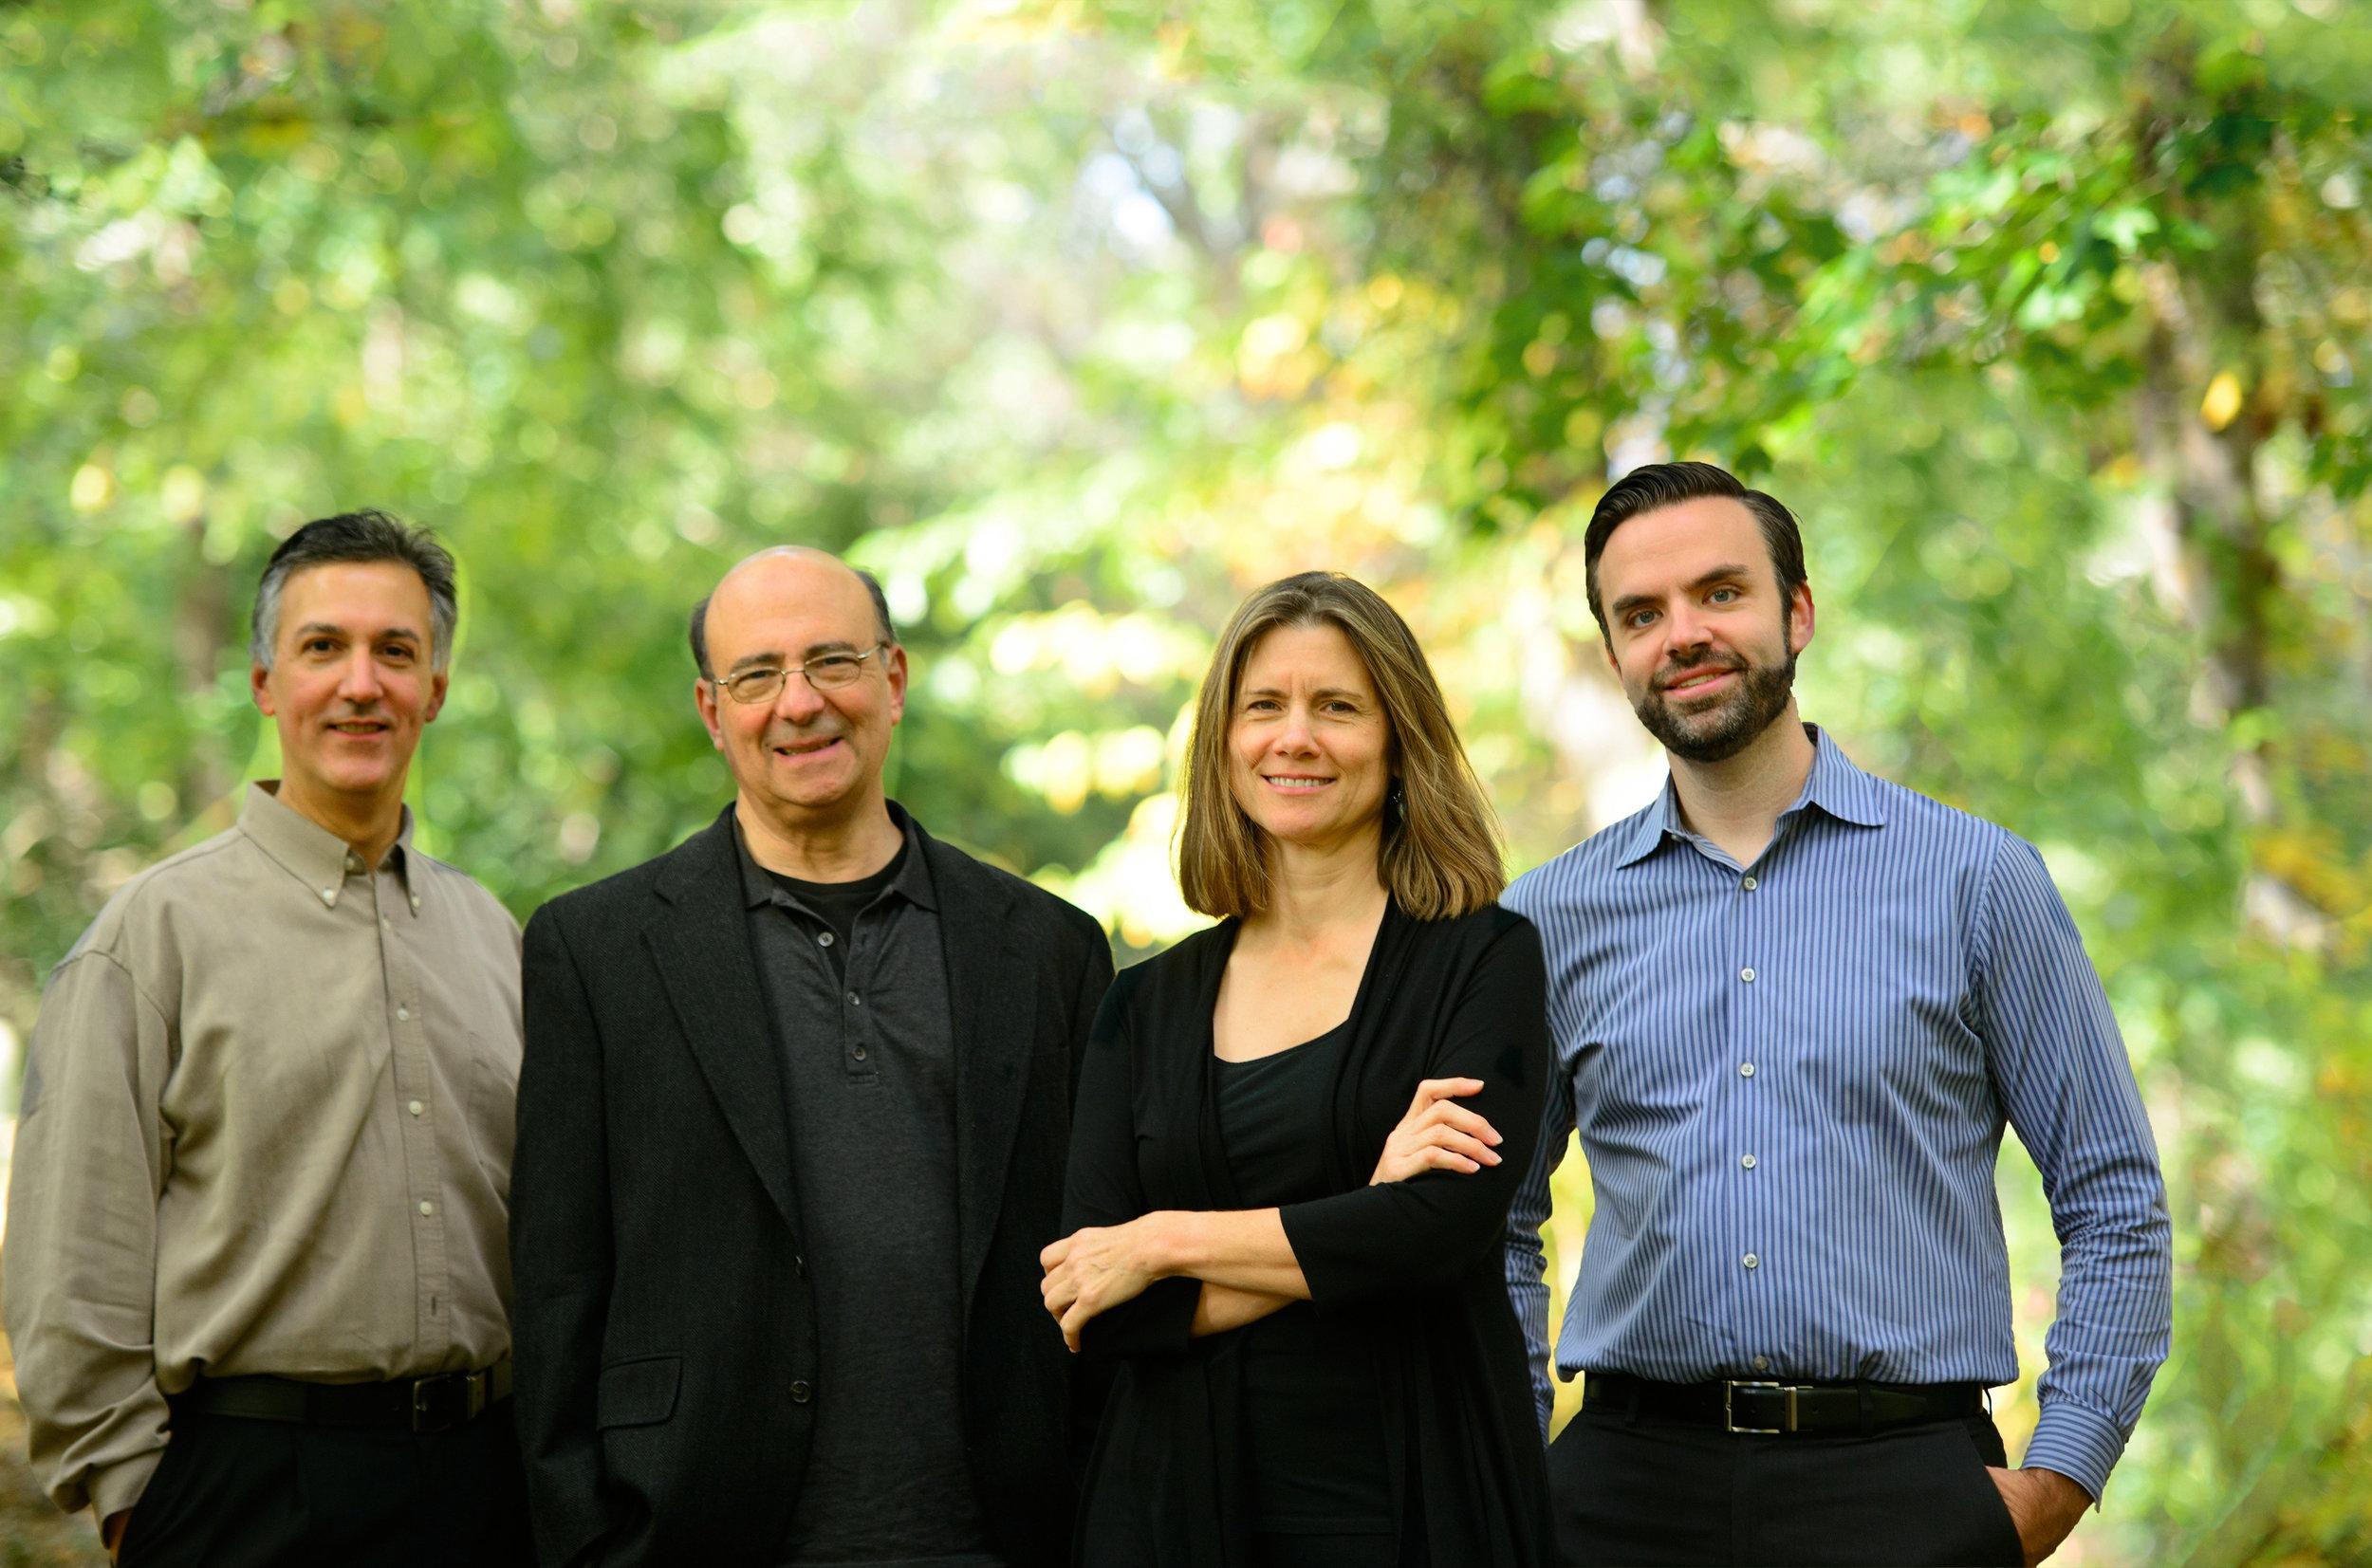 quartet-image.jpg